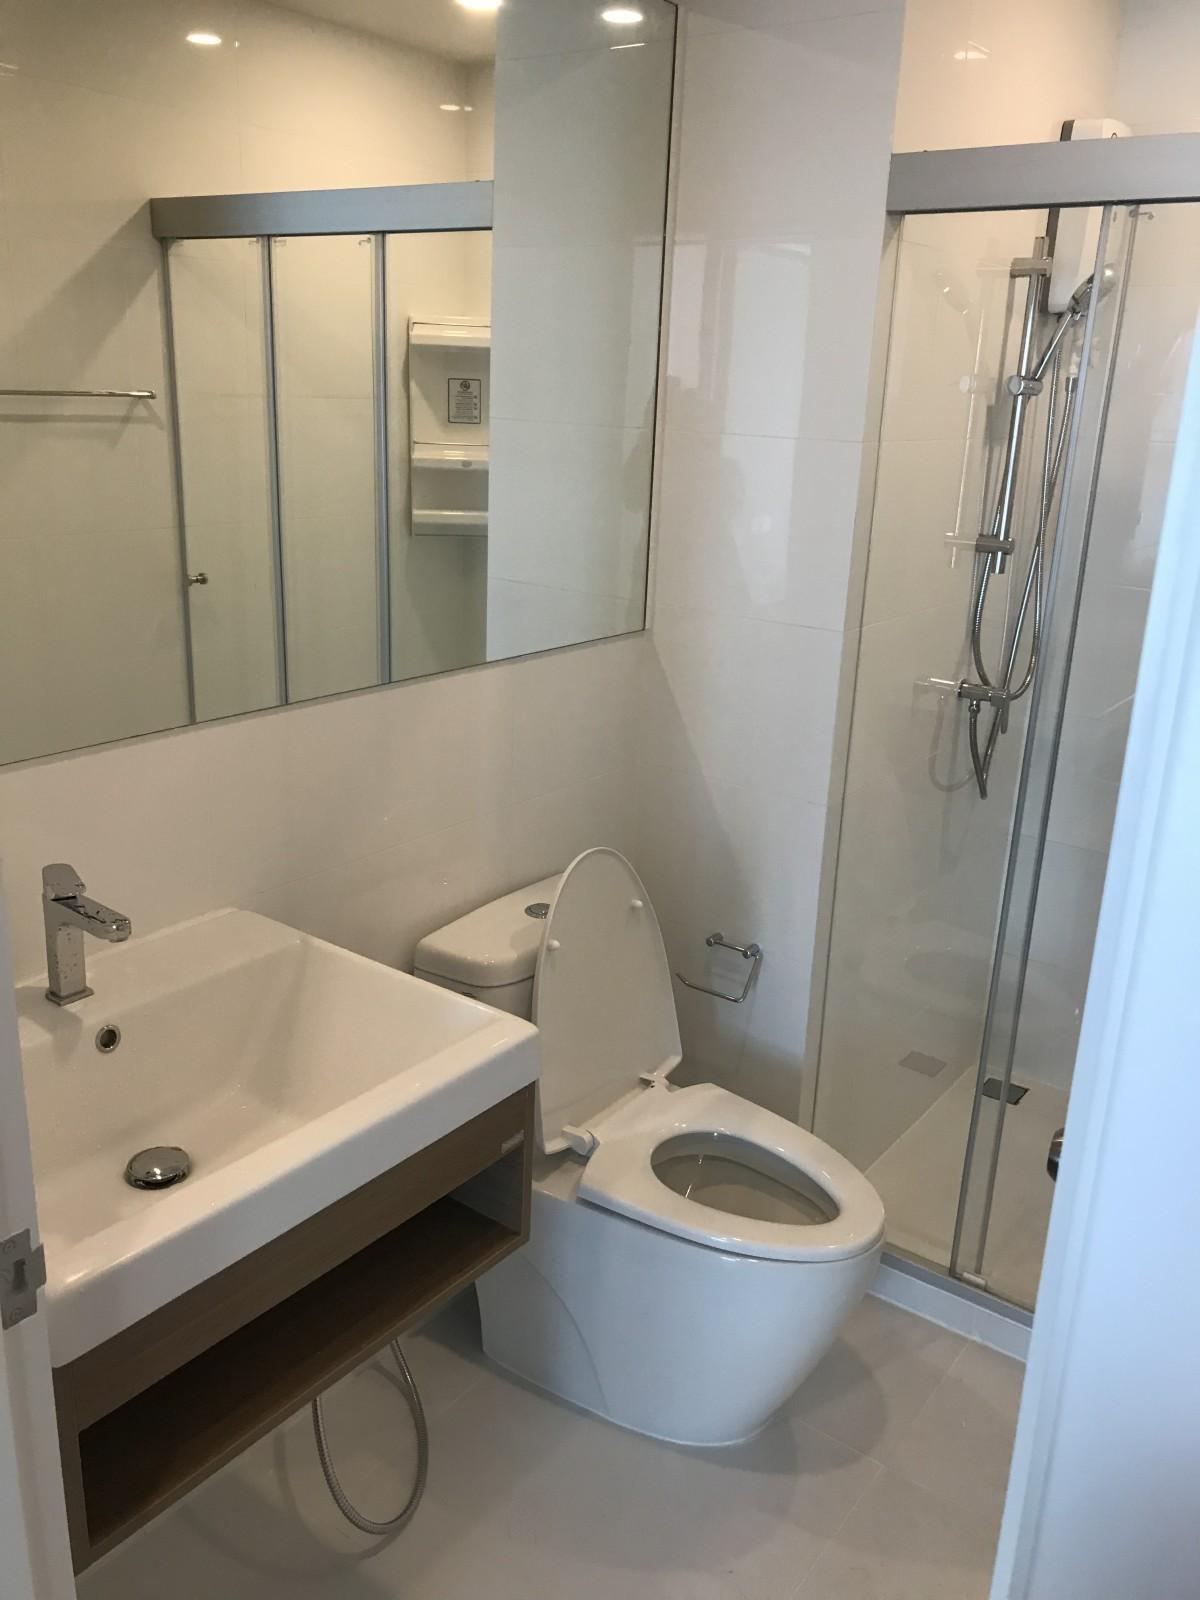 รูปของประกาศเช่าคอนโดไนท์บริดจ์ ดูเพล็กซ์ ติวานนท์(1 ห้องนอน)(2)